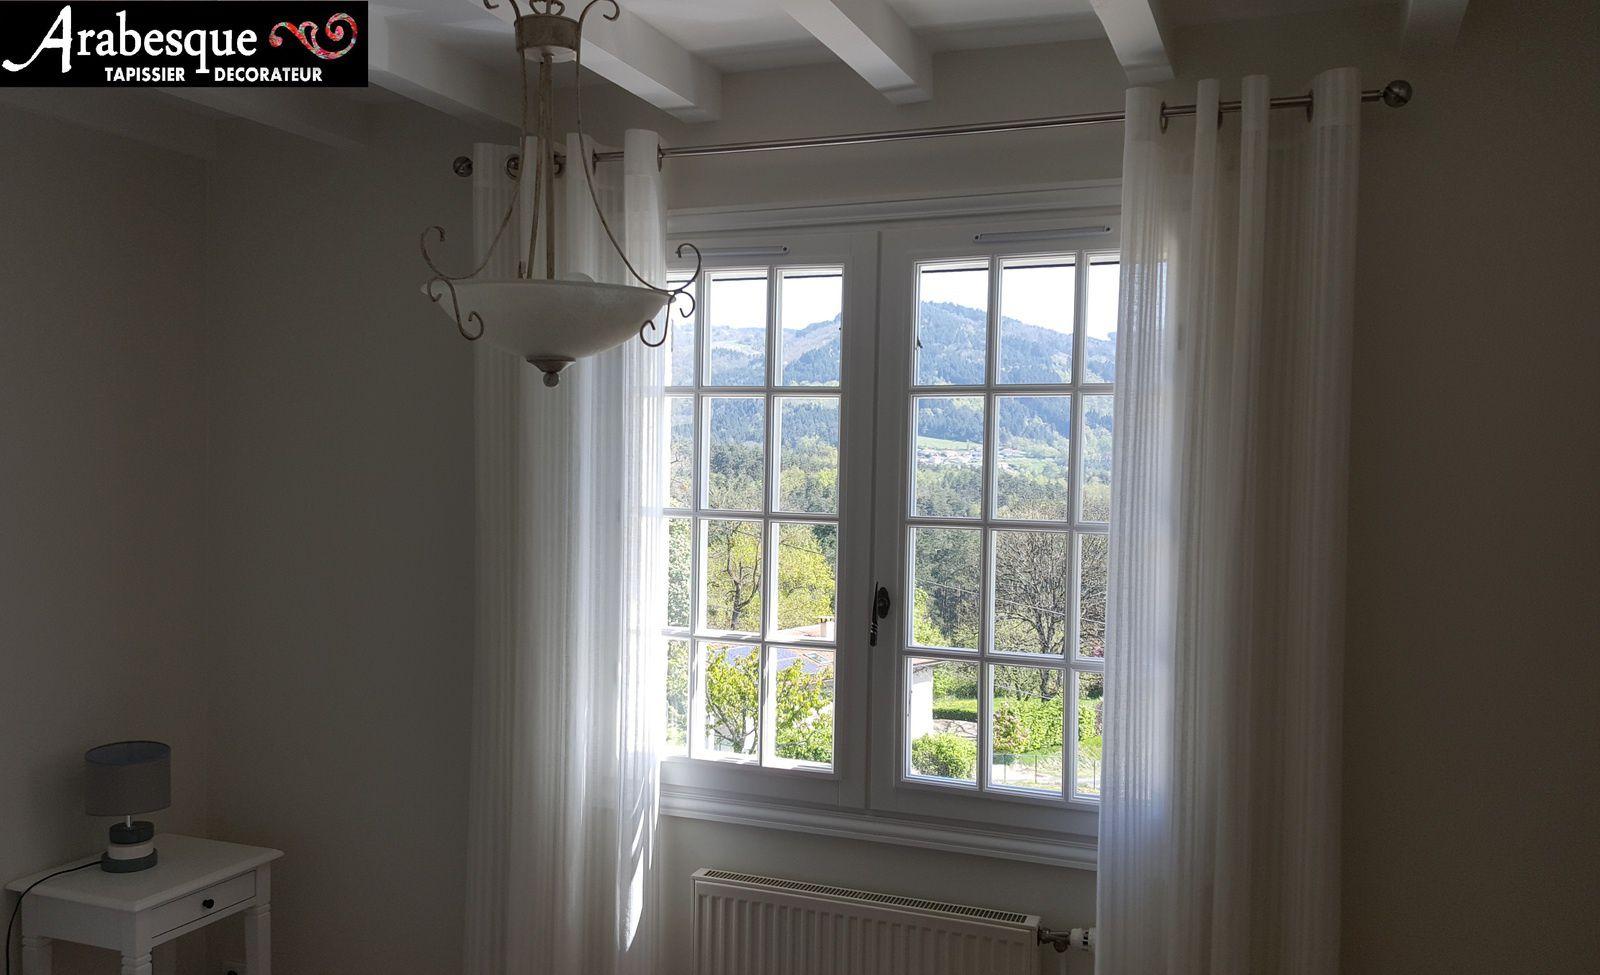 installation tringle et confection de rideaux sur mesure arabesque tapissier decorateur 63. Black Bedroom Furniture Sets. Home Design Ideas